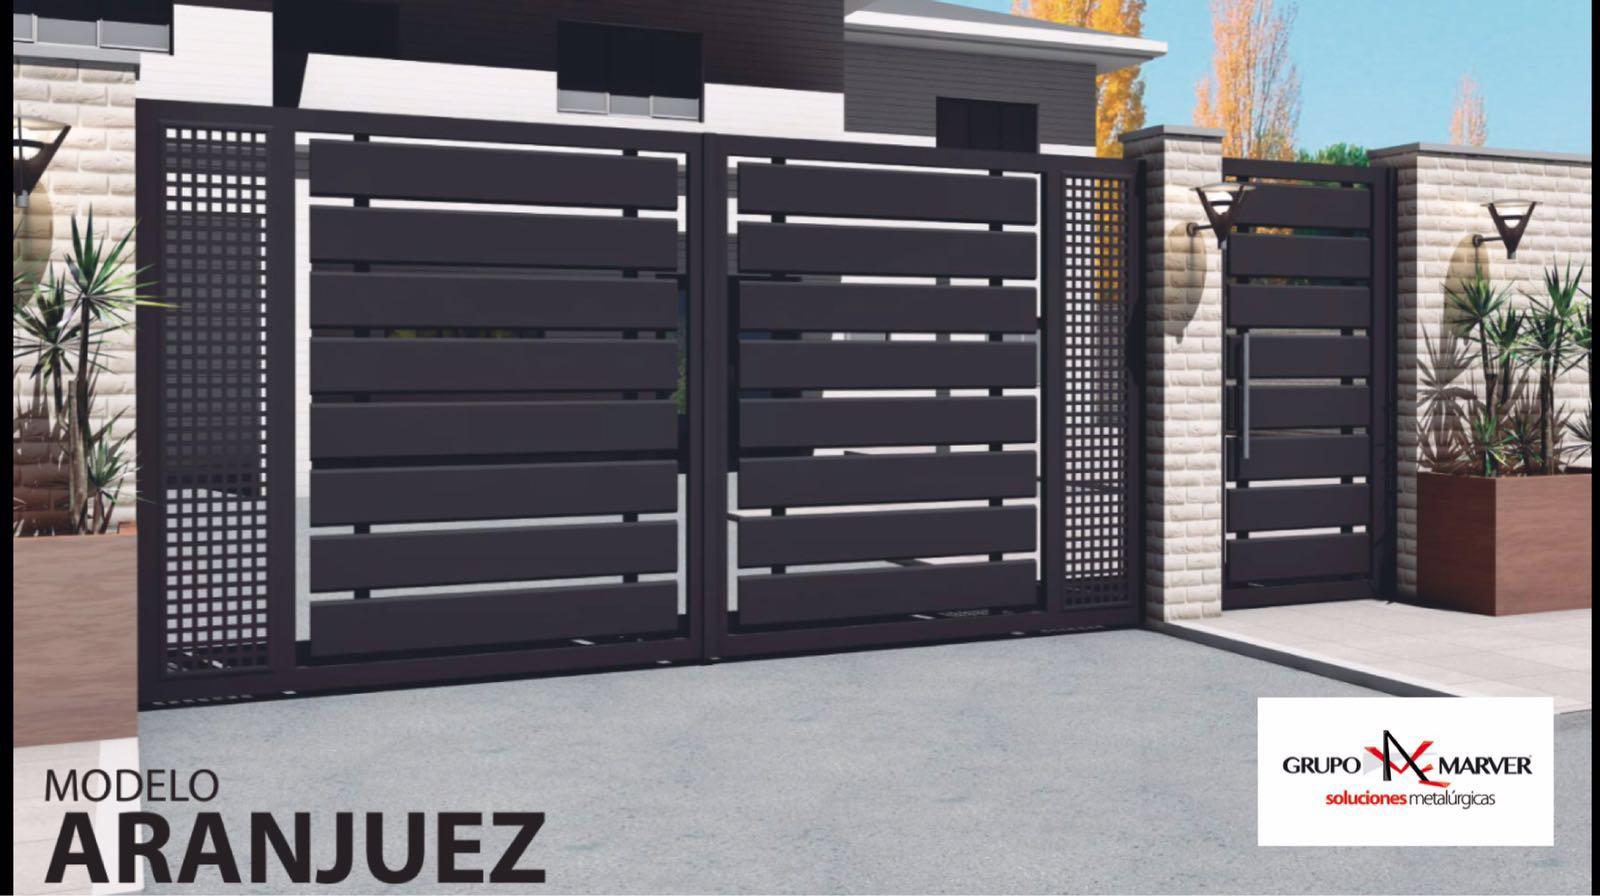 Marver aluminio soldado blog grupo marver puertas de - Puertas metalicas para exteriores ...